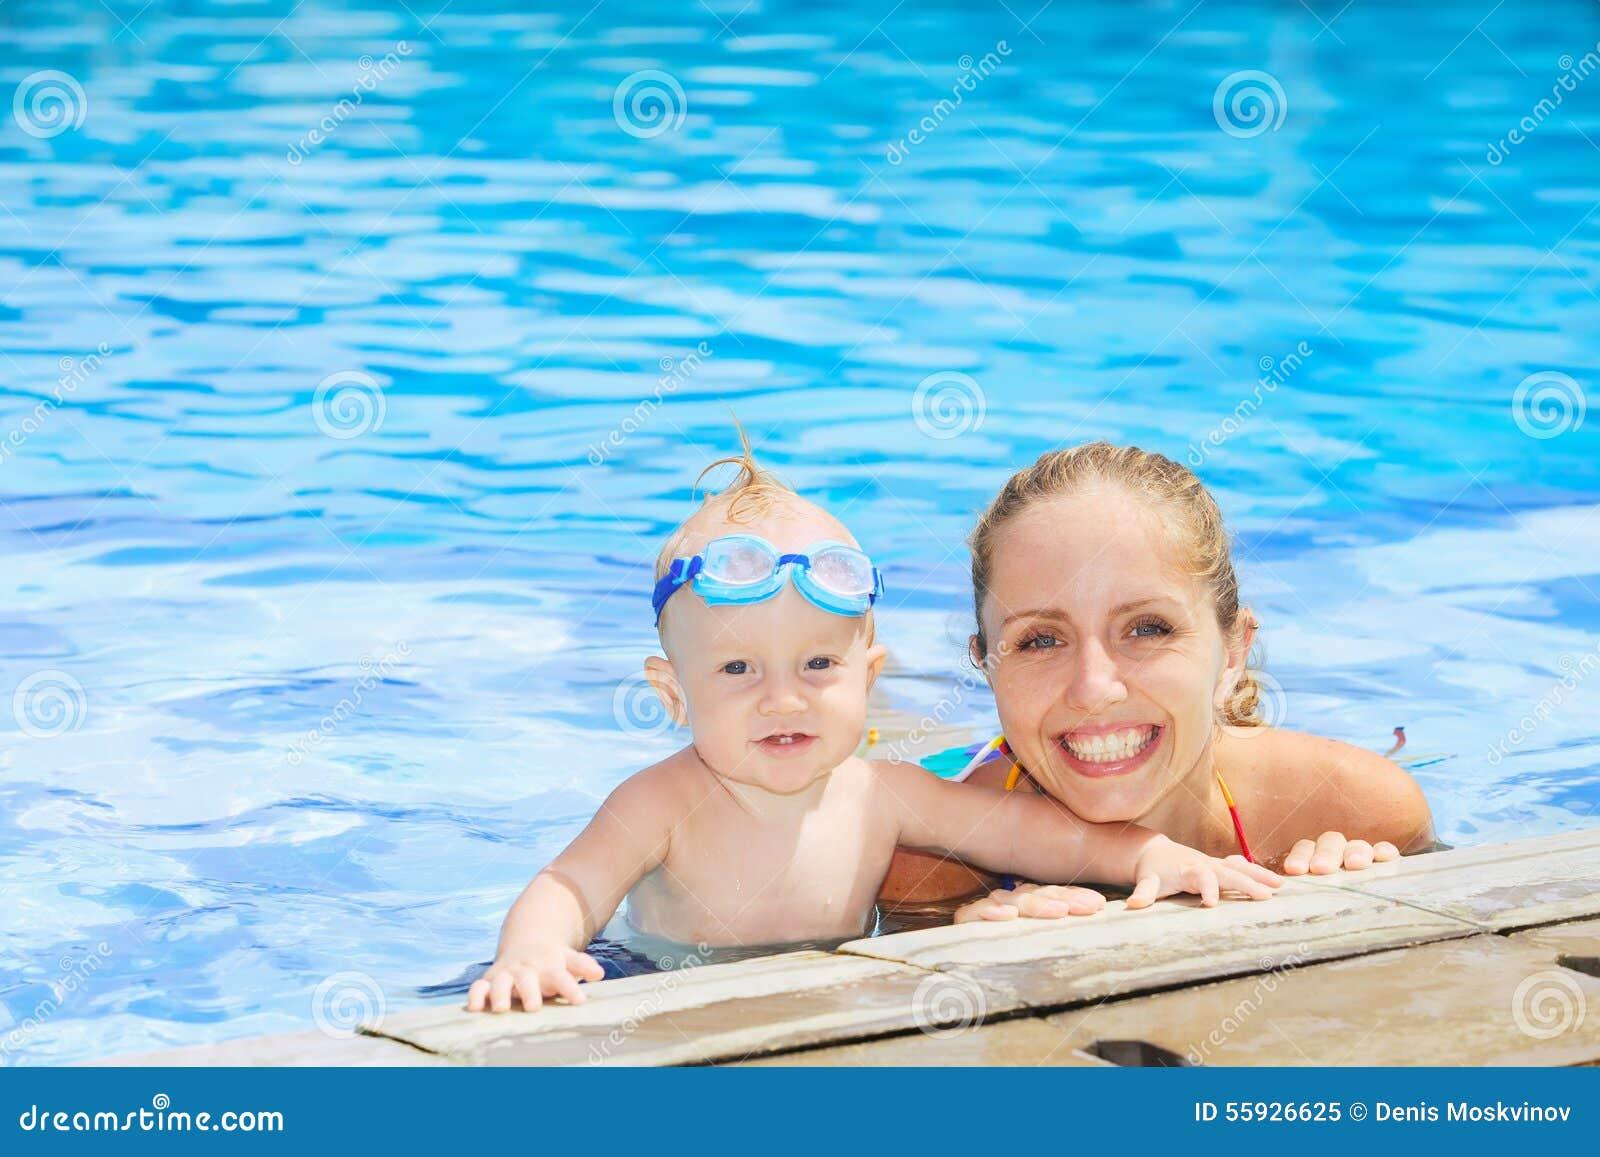 Retrato engraçado da natação do bebê com a mãe na associação